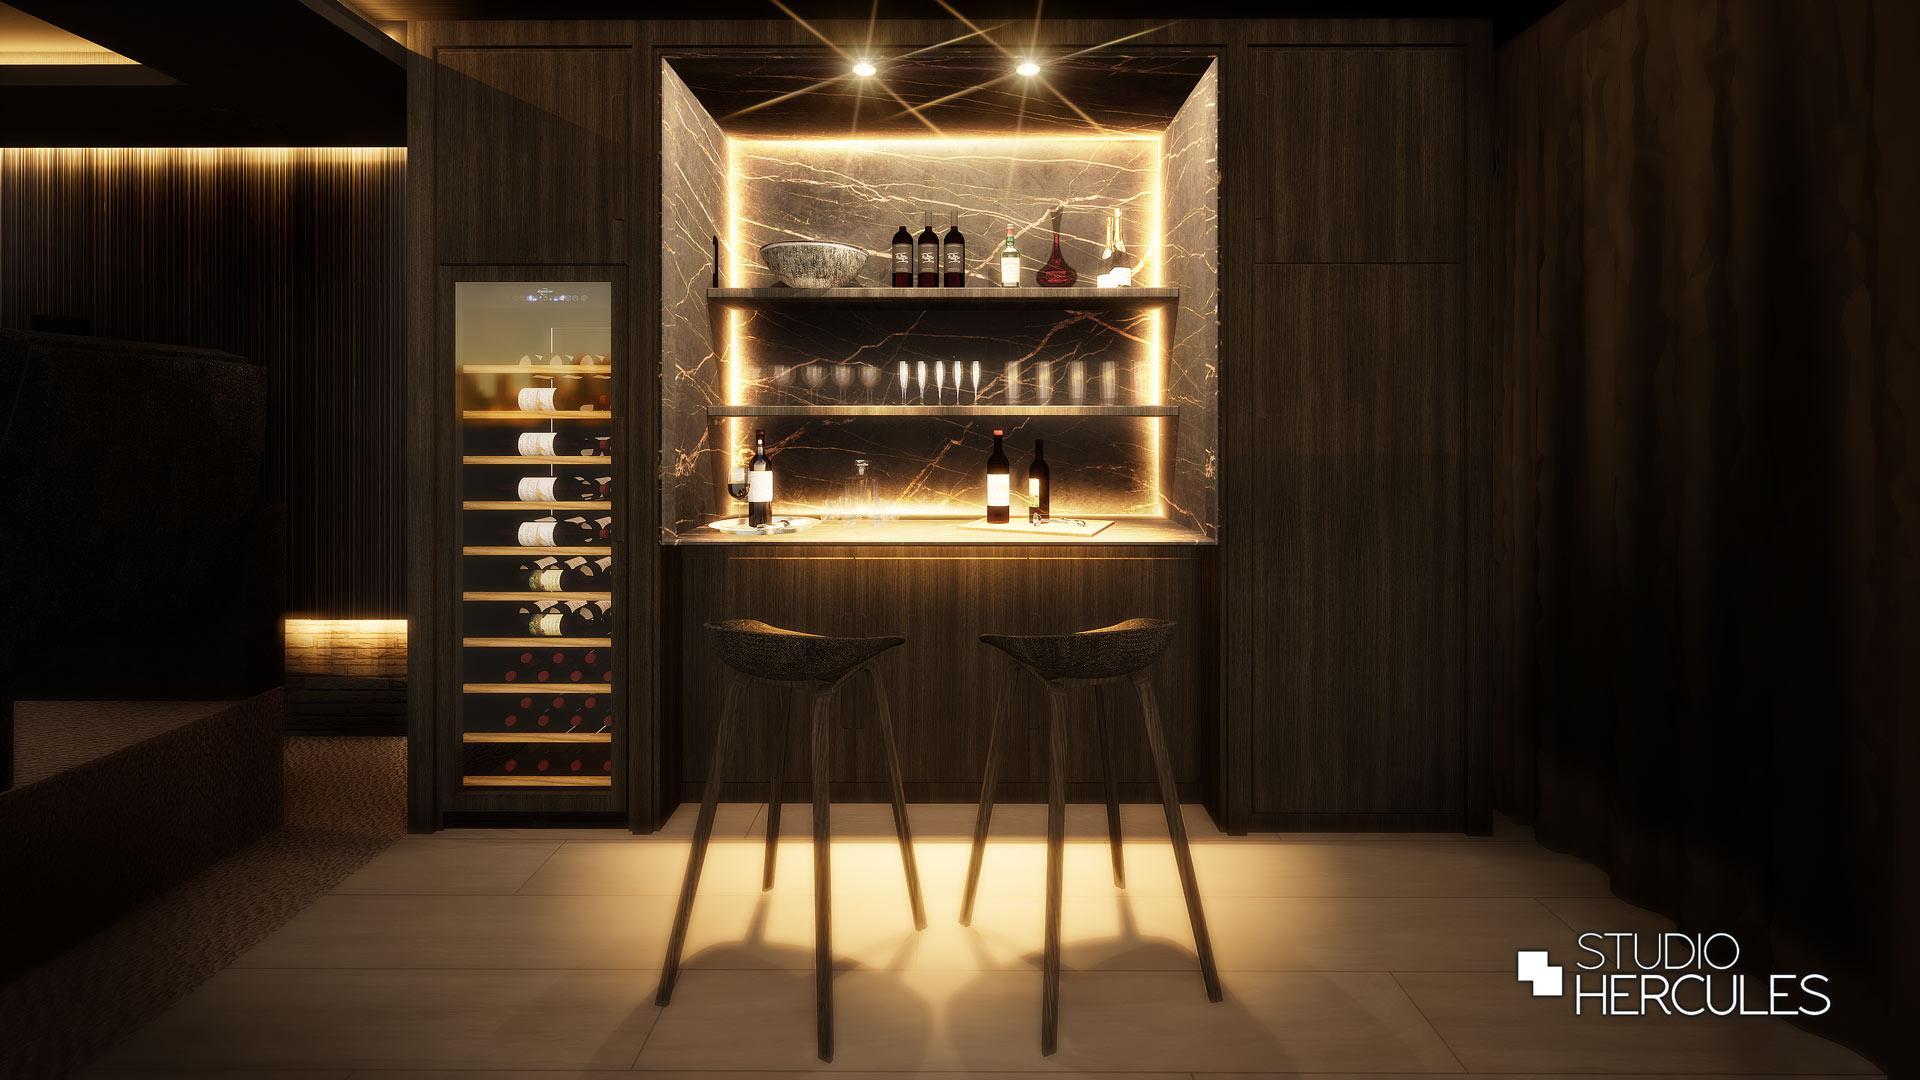 StudioHercules-luxe-wijnkelder